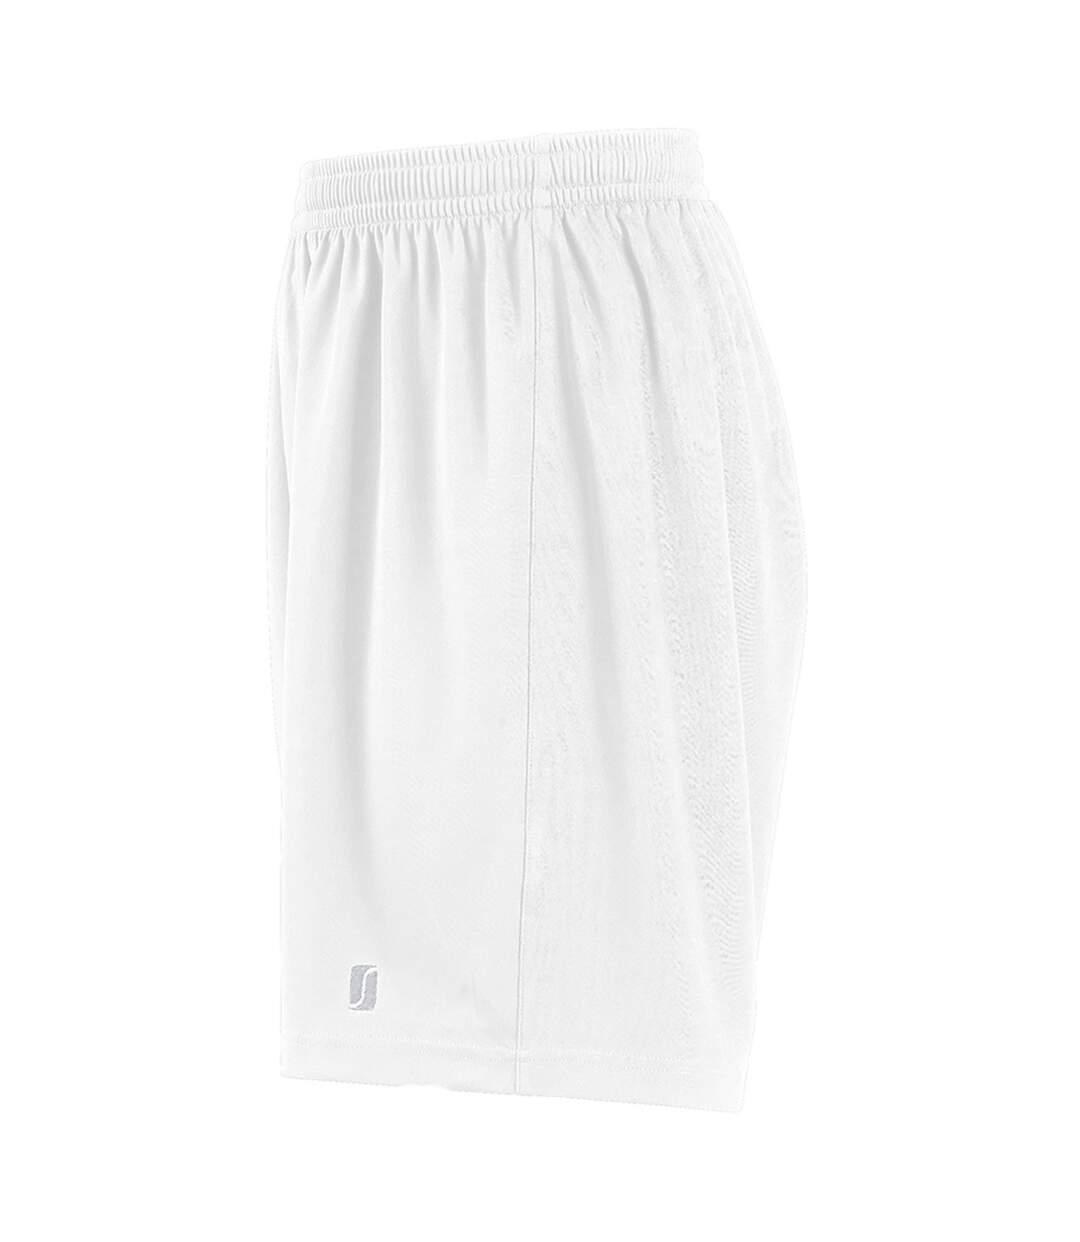 SOLS Mens San Siro 2 Sport Shorts (White) - UTPC2177